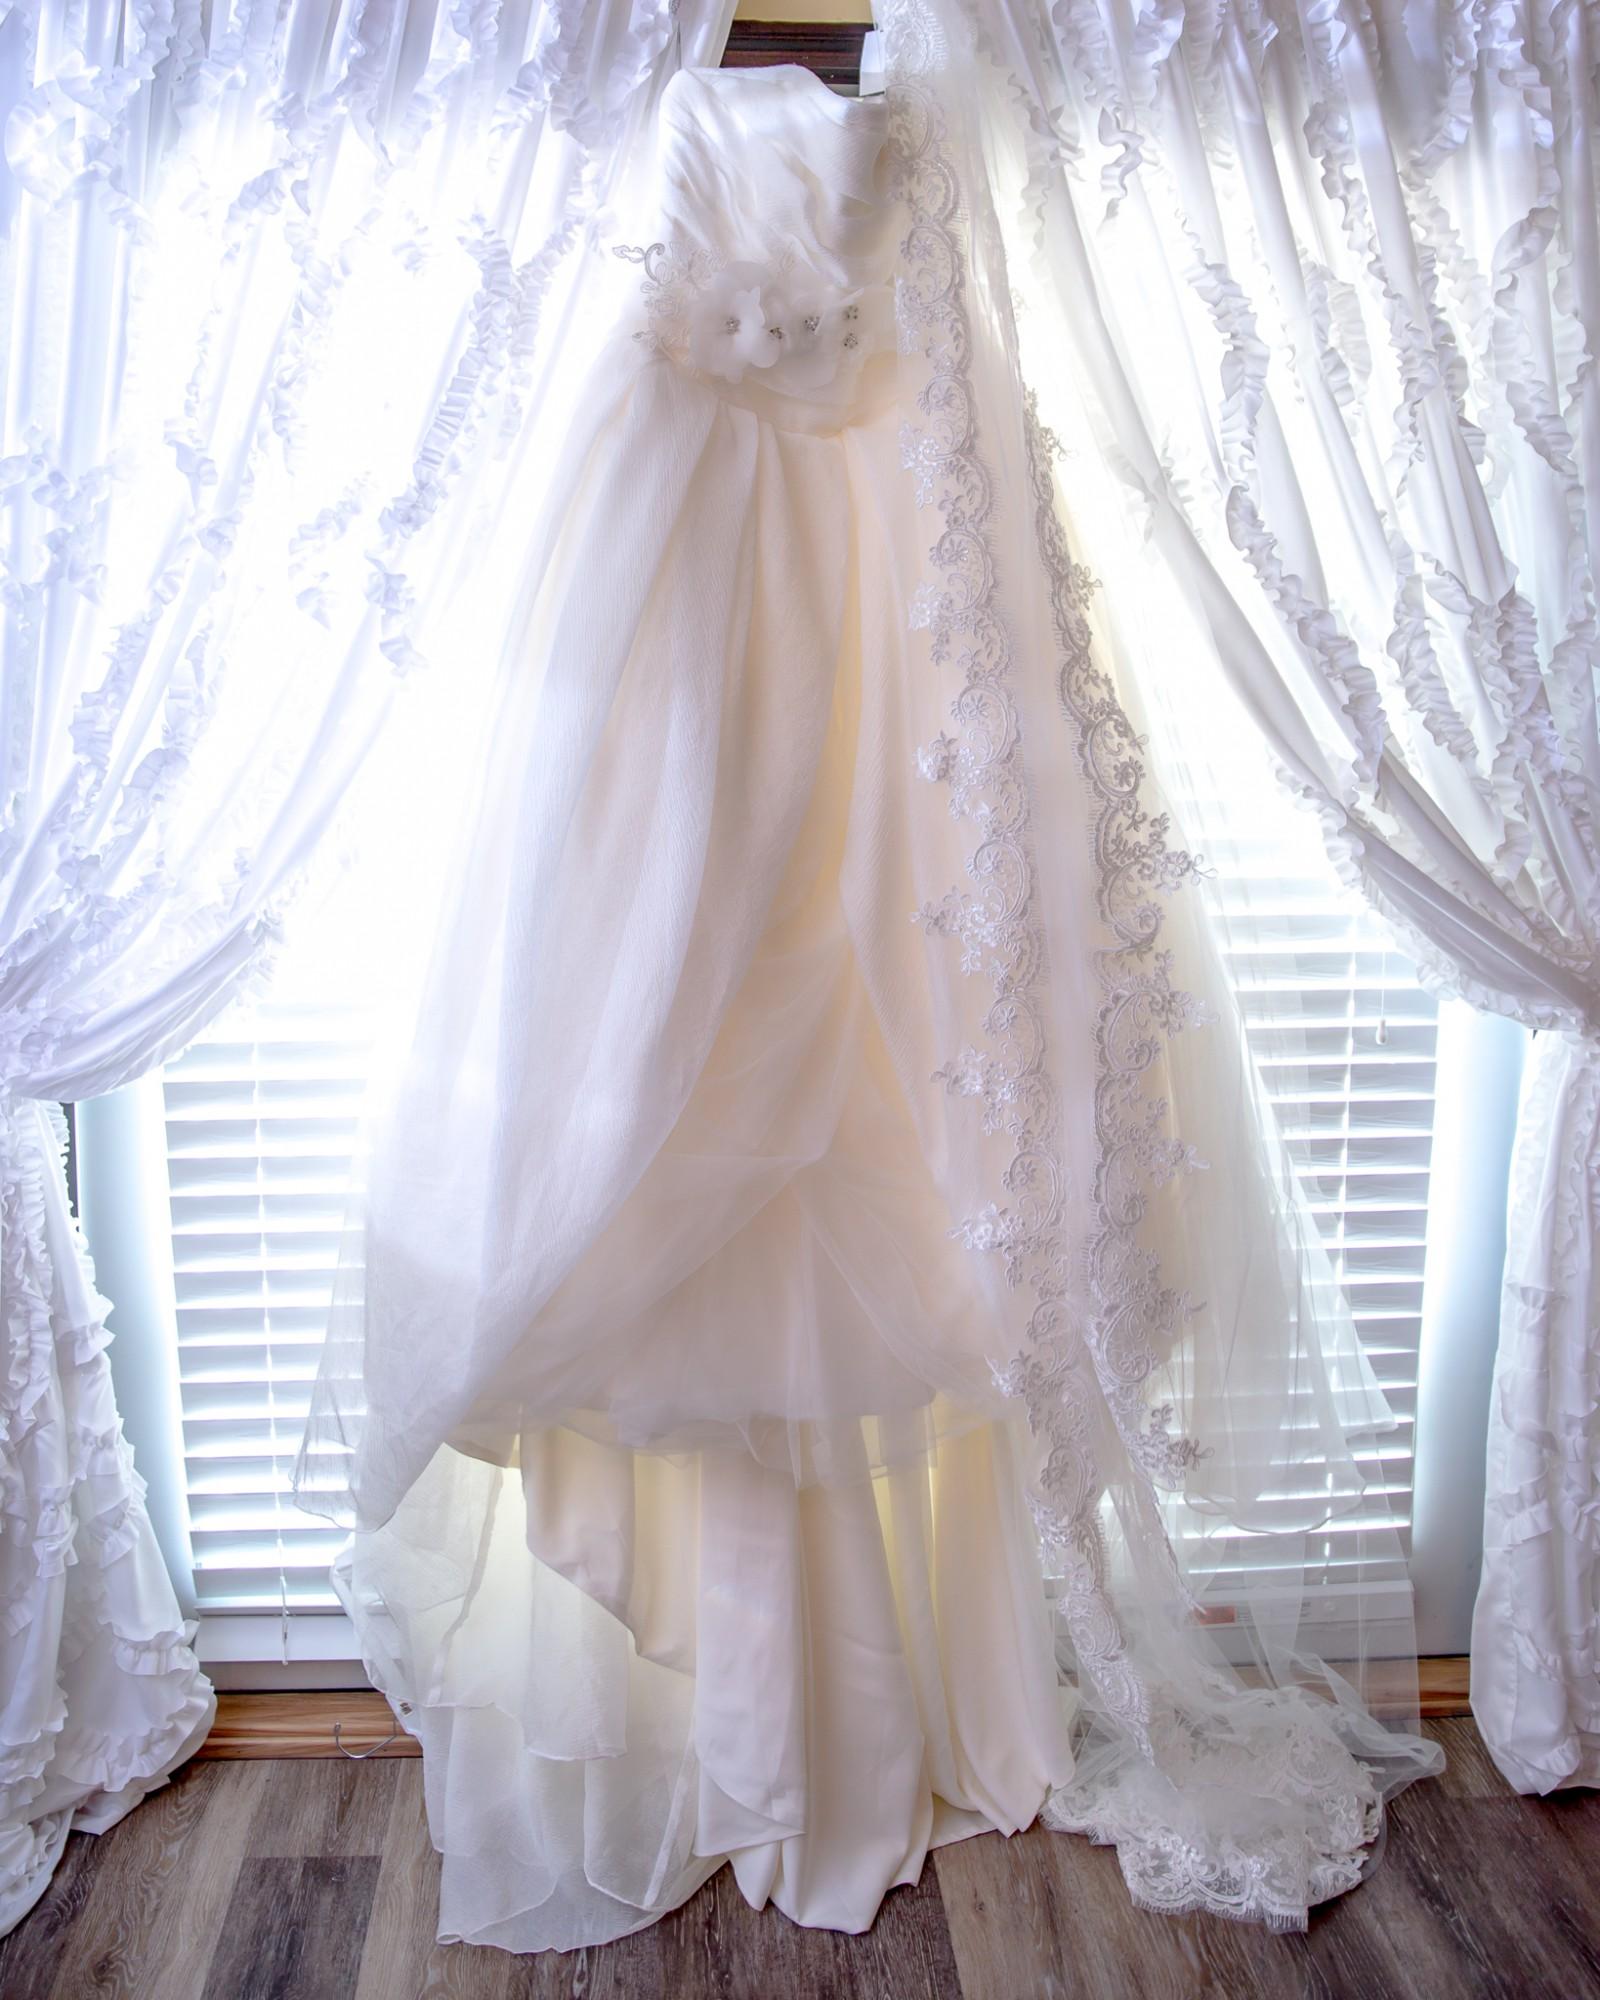 Vera Wang White By Vera Wang Plus Size Draped Wedding